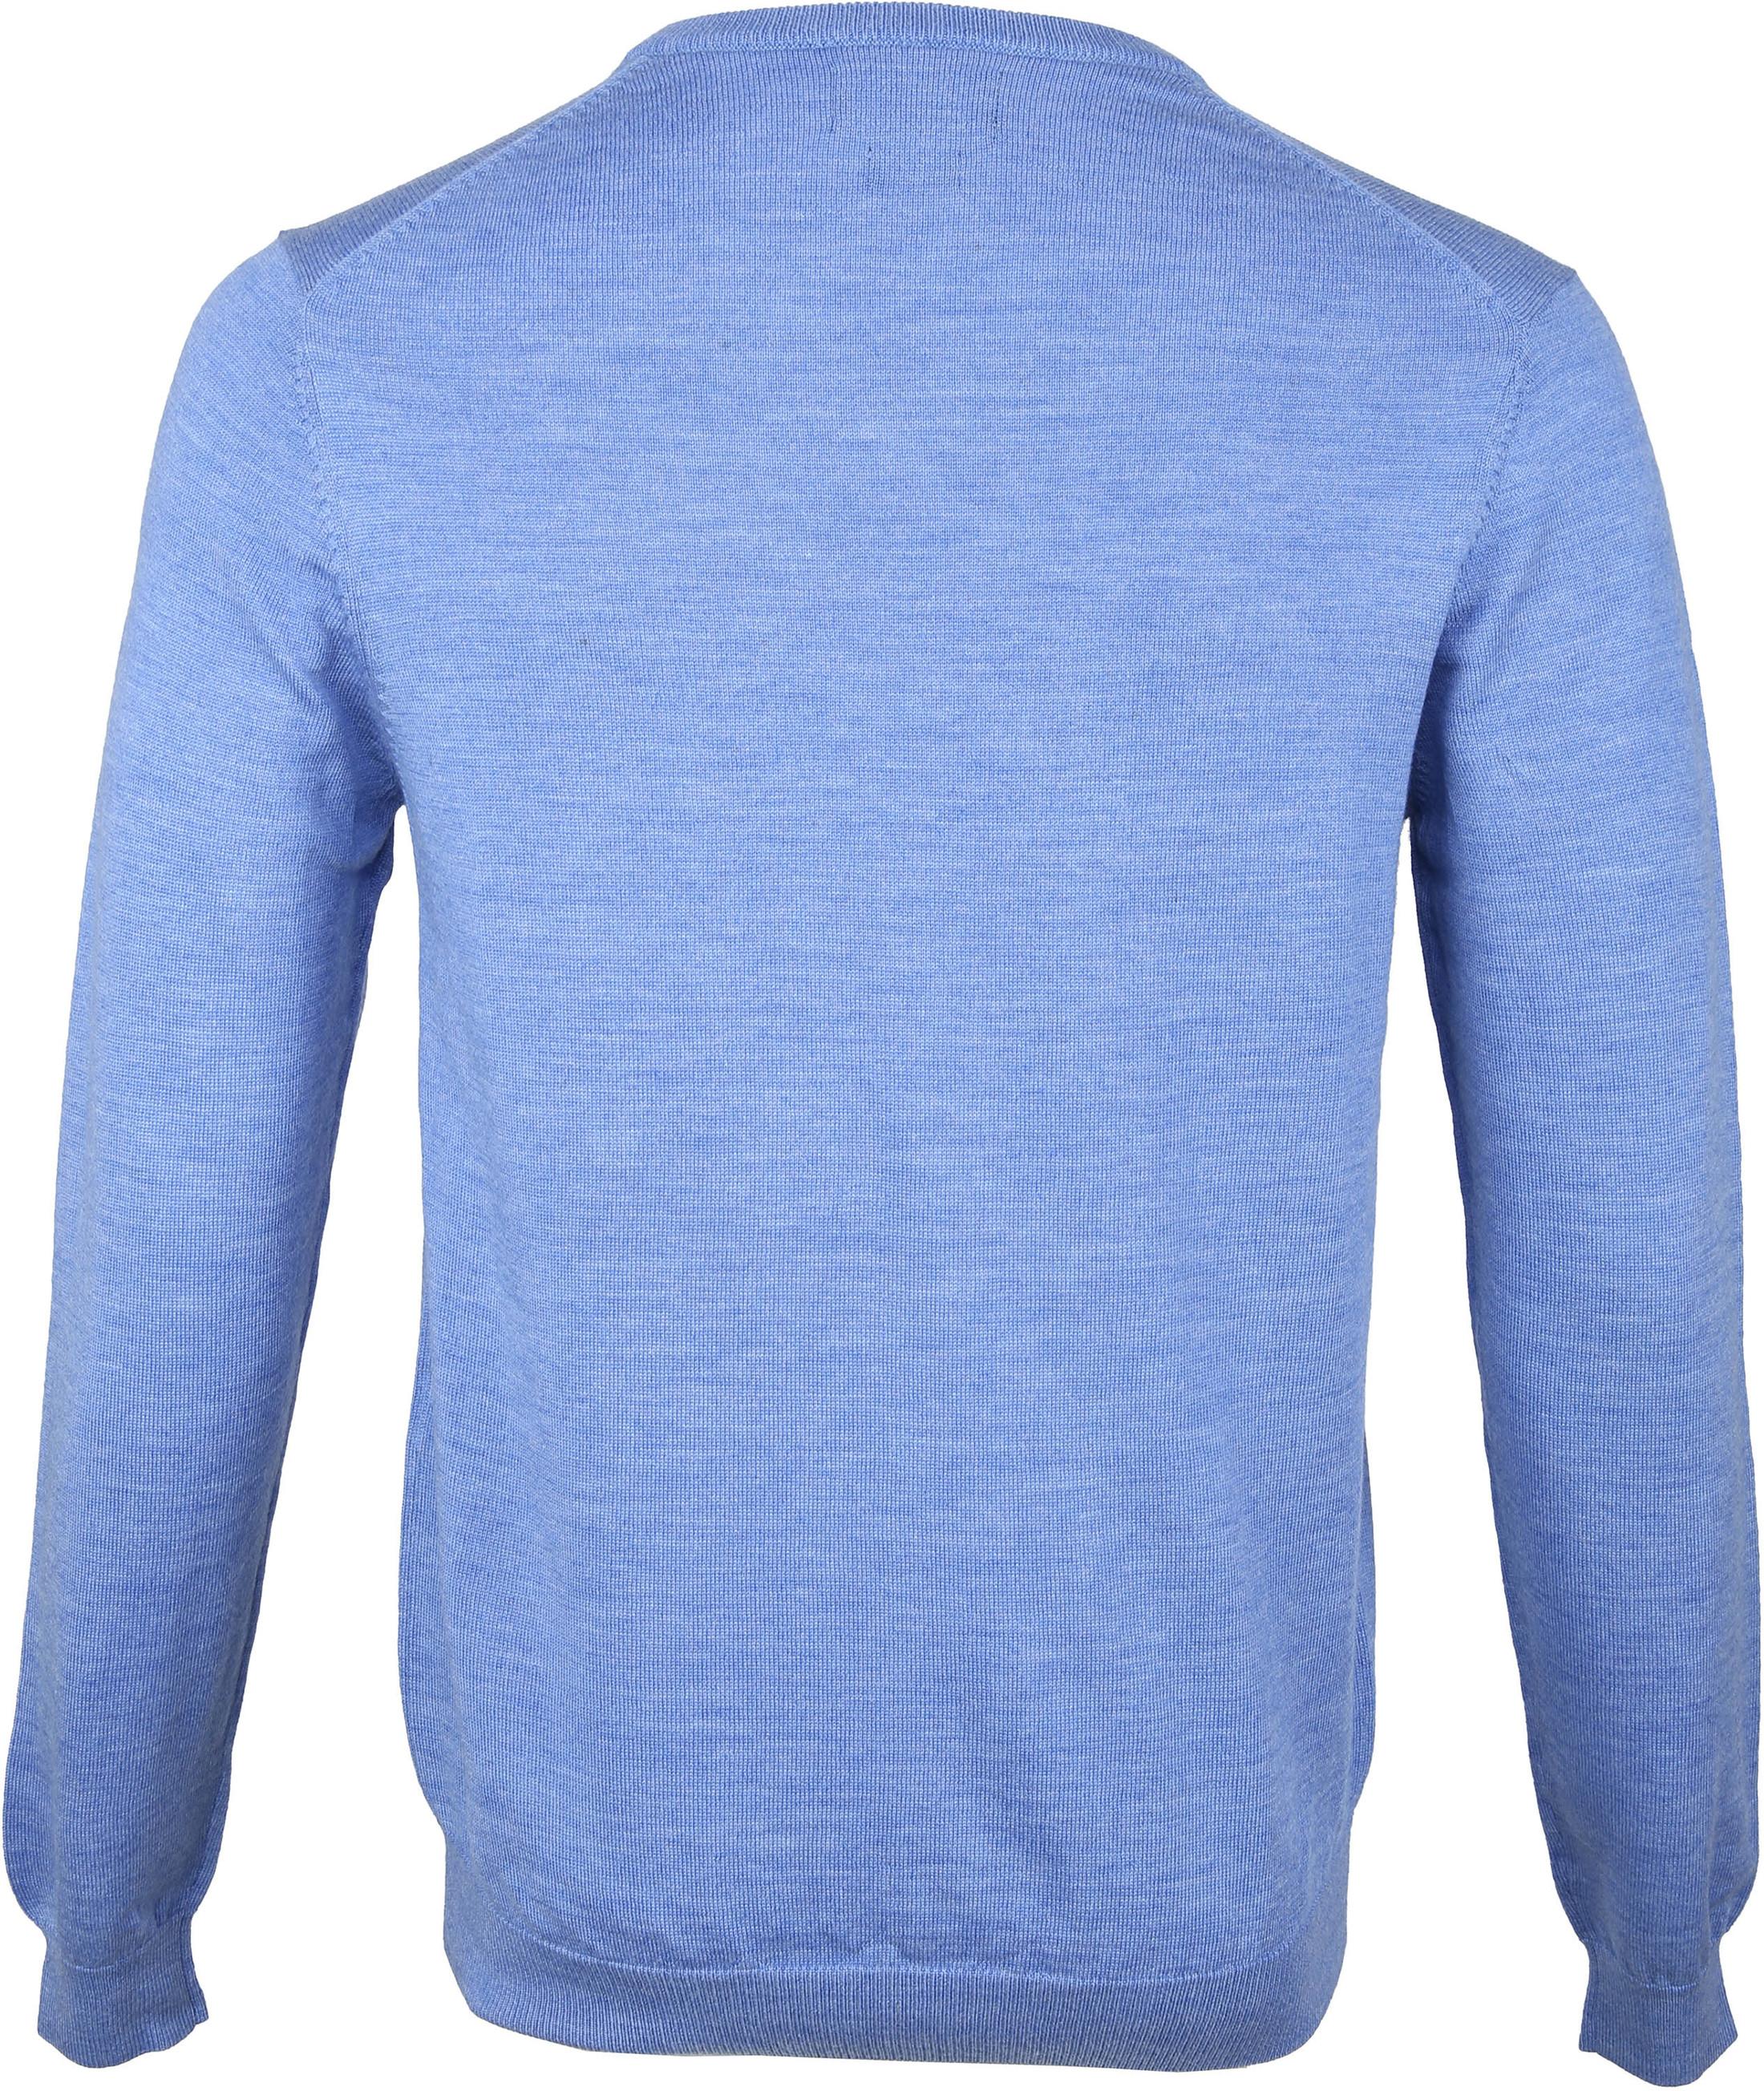 Profuomo Pullover Merino V-Hals Blauw foto 2